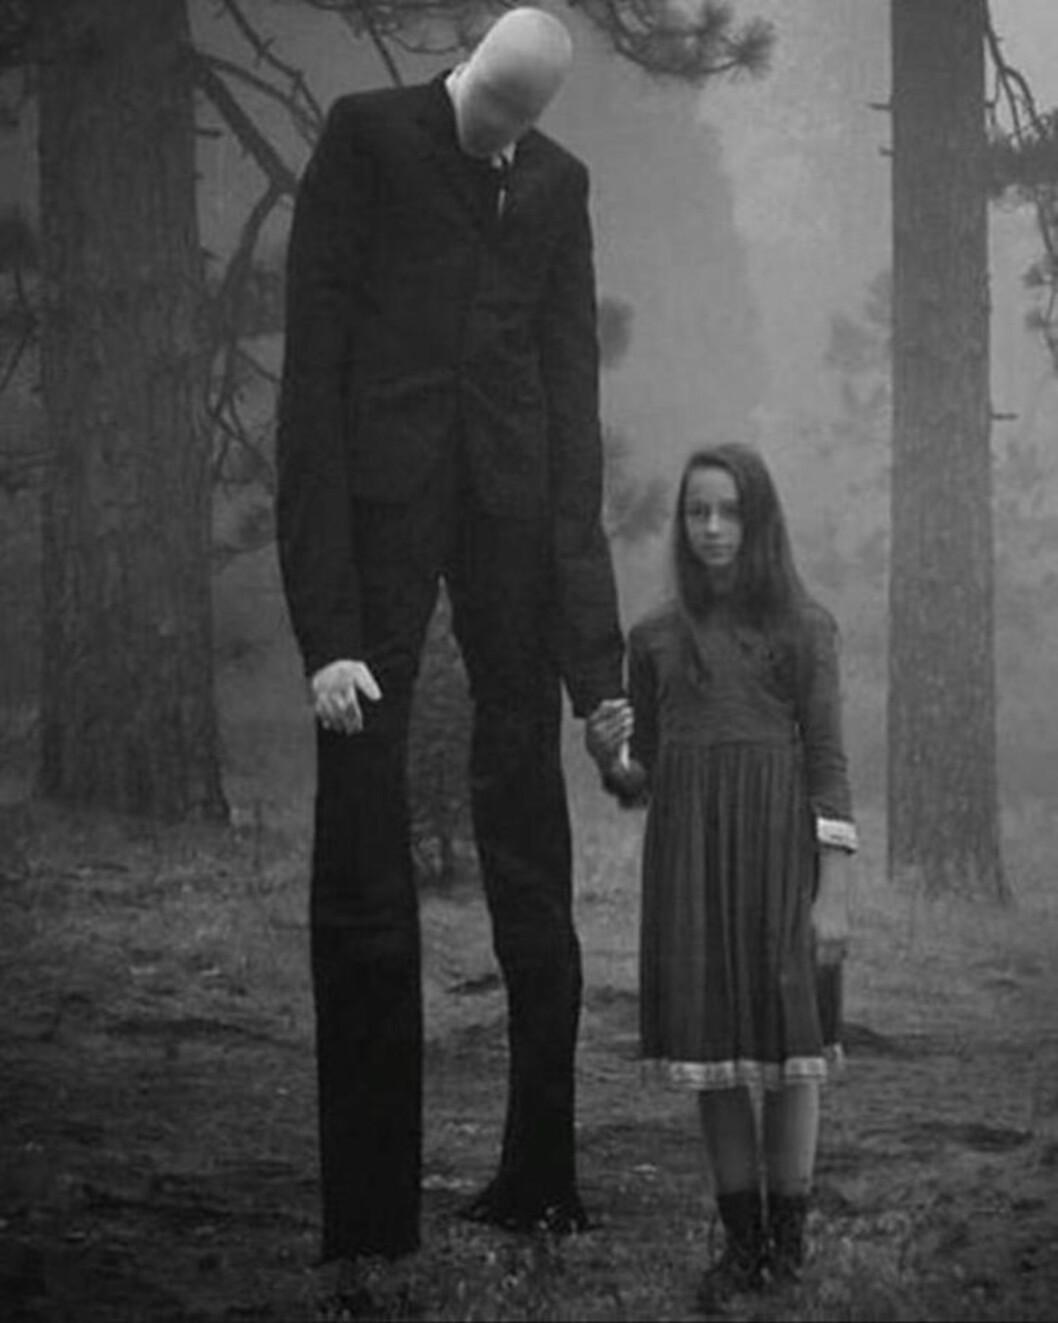 ANSIKTSLØS: Den pent kledde, men ansiktsløse «Slender Man» velger ifølge historien ut barn som han forfølger over lang tid. Til slutt tar ham dem med seg til et sted ingen vet hvor er. Bildet er fra en film om folkloren. Foto: Something Awful